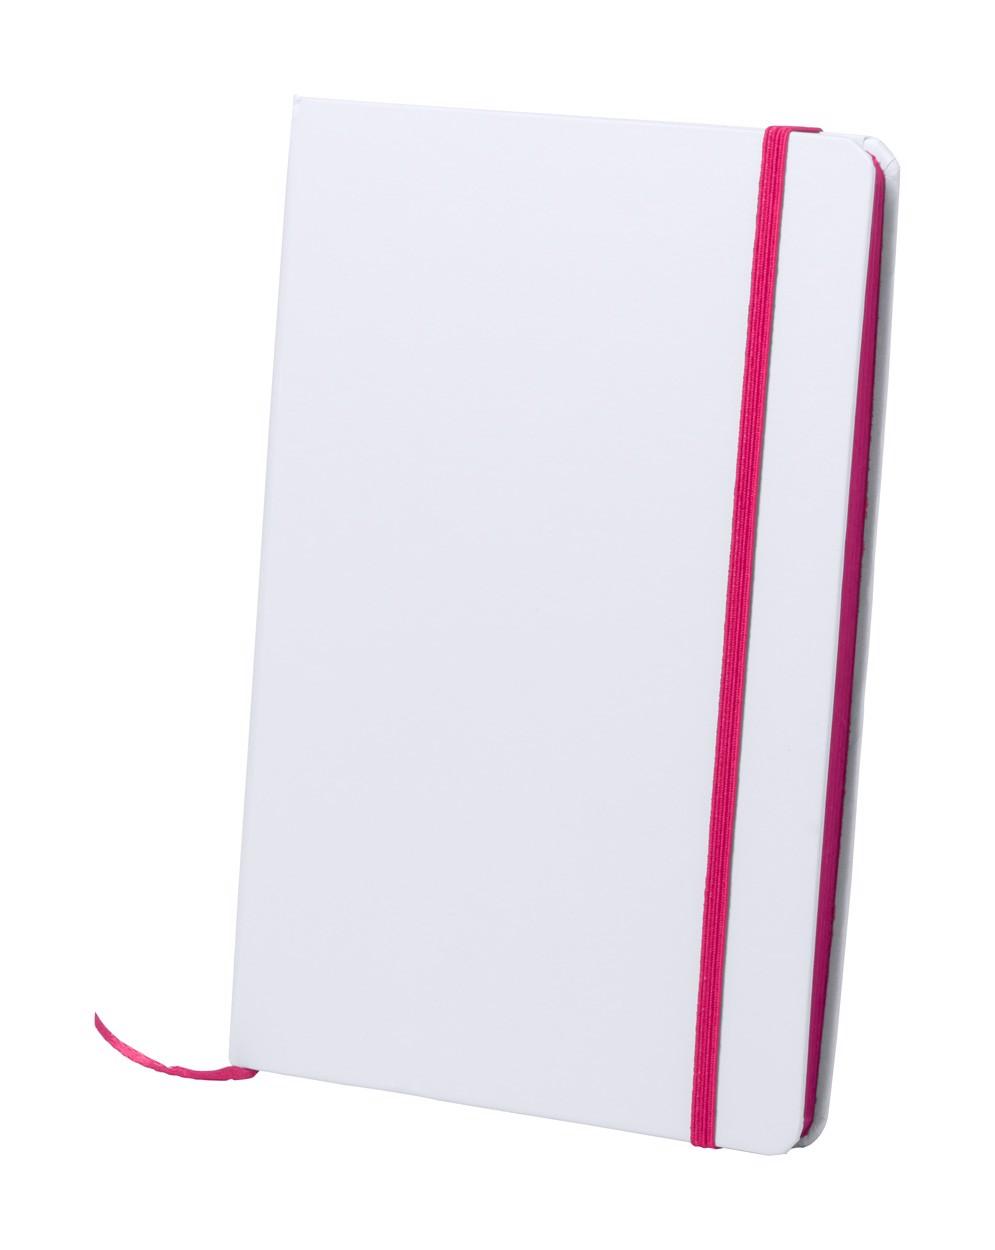 Blok Kaffol - Růžová / Bílá